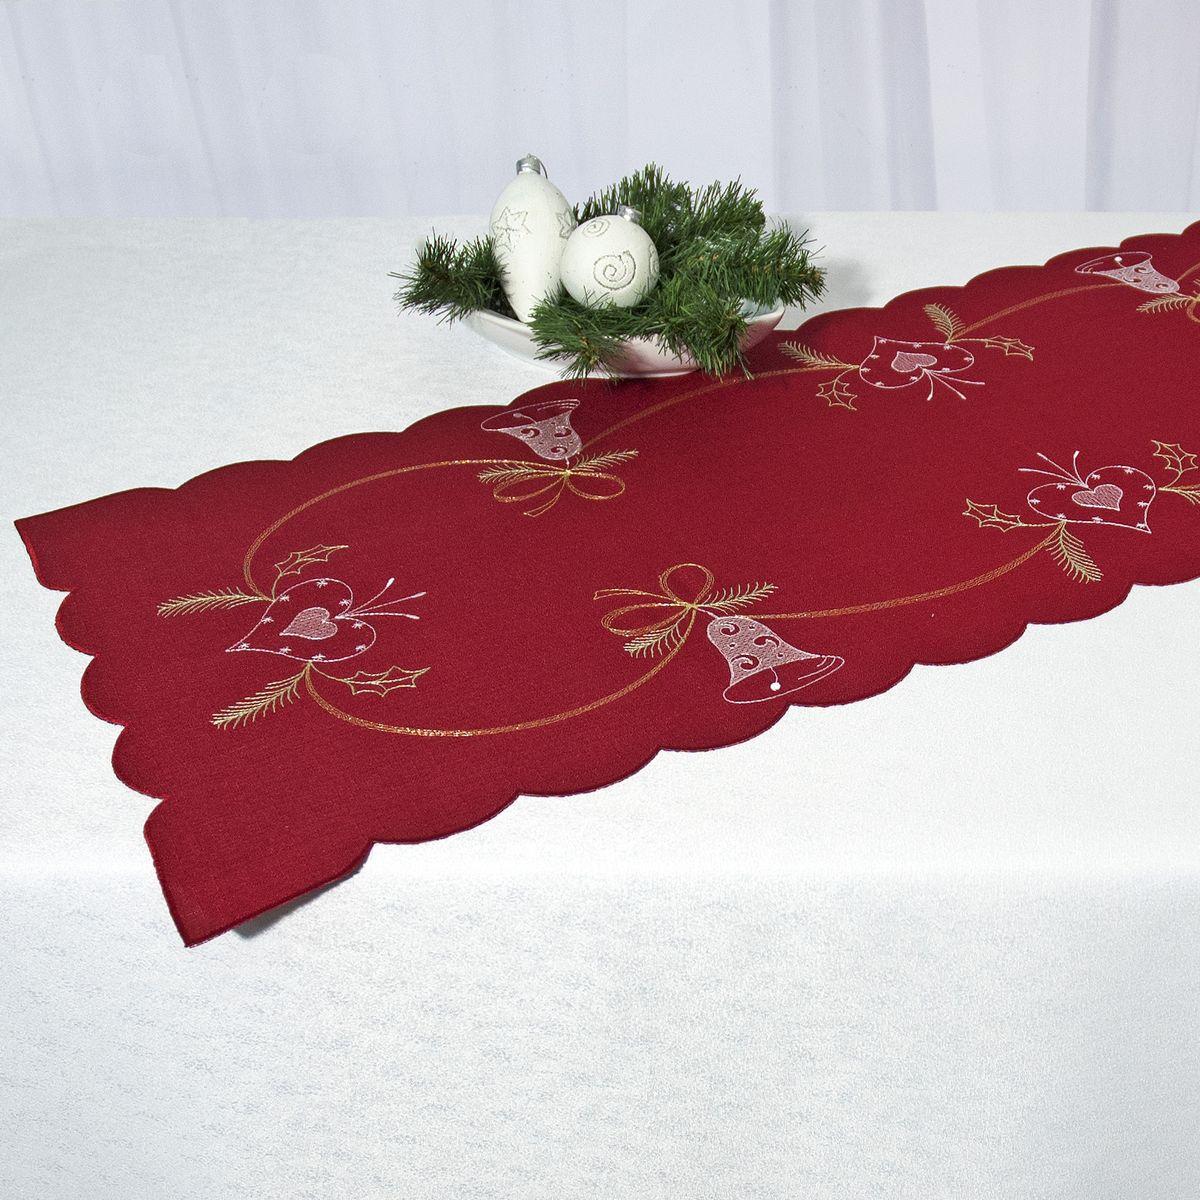 Дорожка для декорирования стола Schaefer, цвет: бордовый, 35 х 140 см 07666-23007666-230Дорожка Schaefer, выполненная из полиэстера, станет изысканным украшением интерьера в преддверии Нового года. Изделие декорировано красиво обработанным волнистым краем и вышивкой с новогодними мотивами. Такую дорожку можно использовать для украшения комодов, тумб и столов. За текстилем из полиэстера очень легко ухаживать: он легко стирается, не мнется, не садится и быстро сохнет, более долговечен, чем текстиль из натуральных волокон.Такая дорожка изящно дополнит интерьер вашего дома.